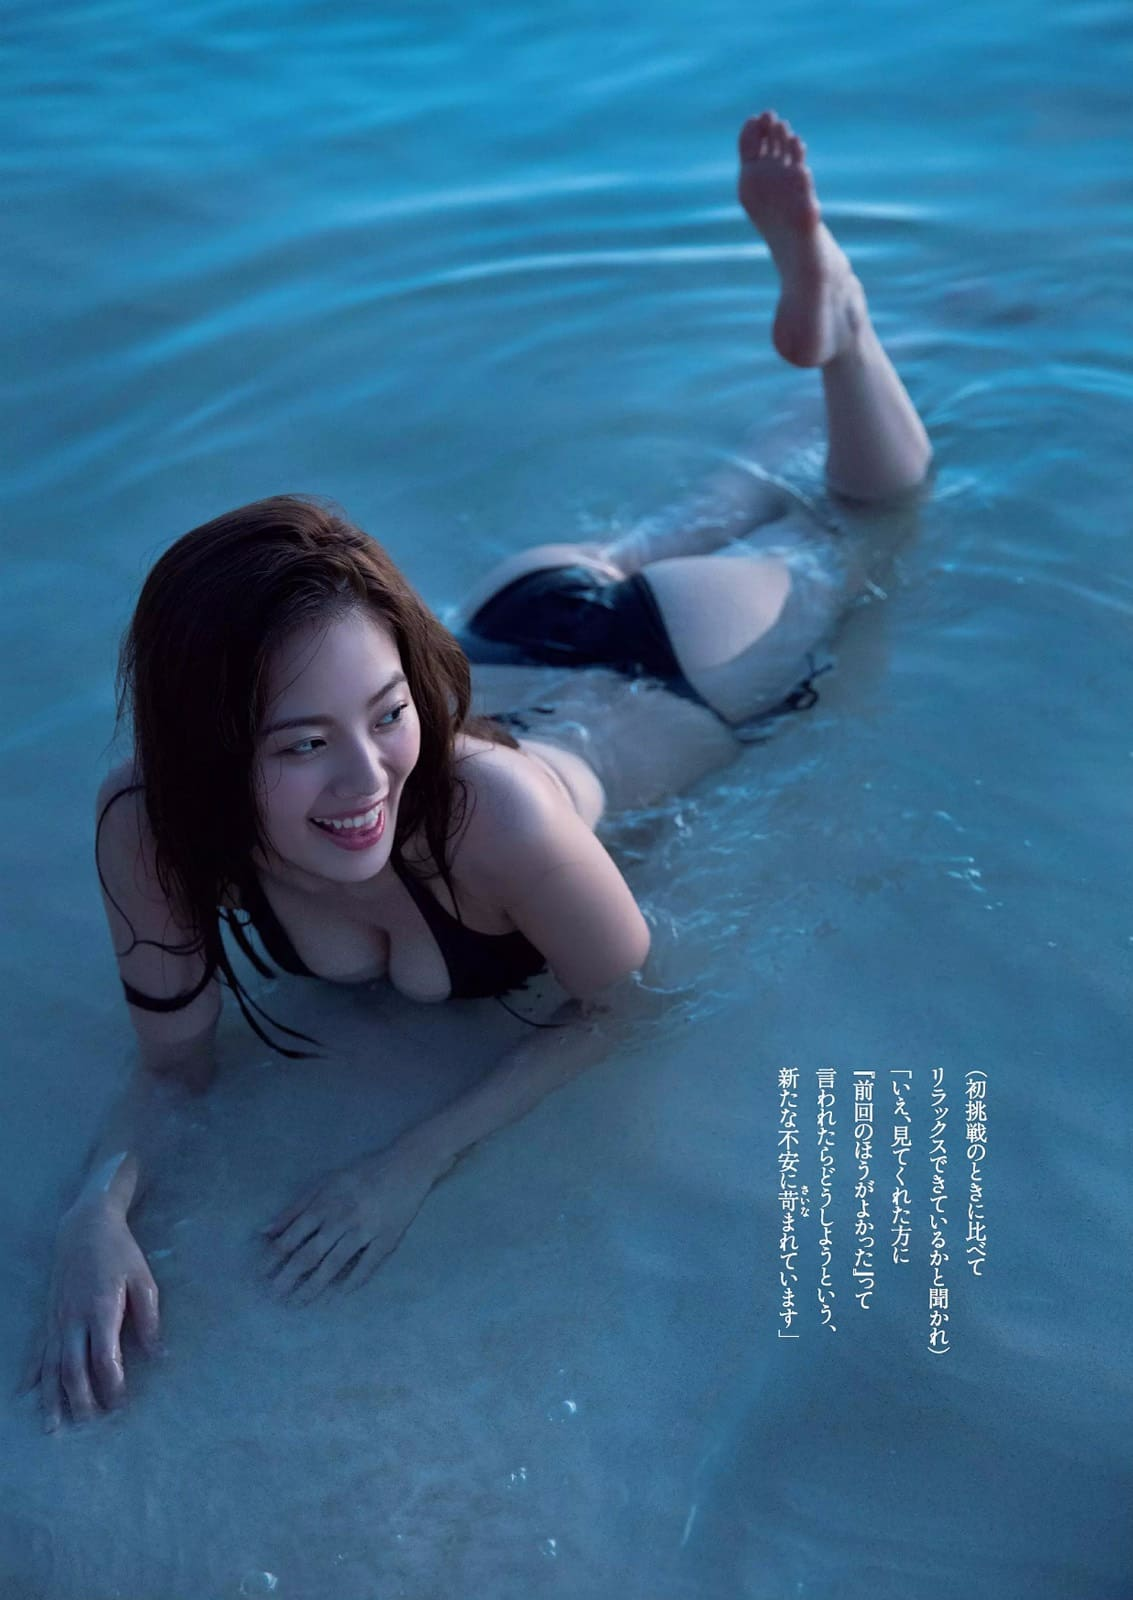 「週刊プレイボーイ 2016 No.47」伊東紗冶子の水着グラビア